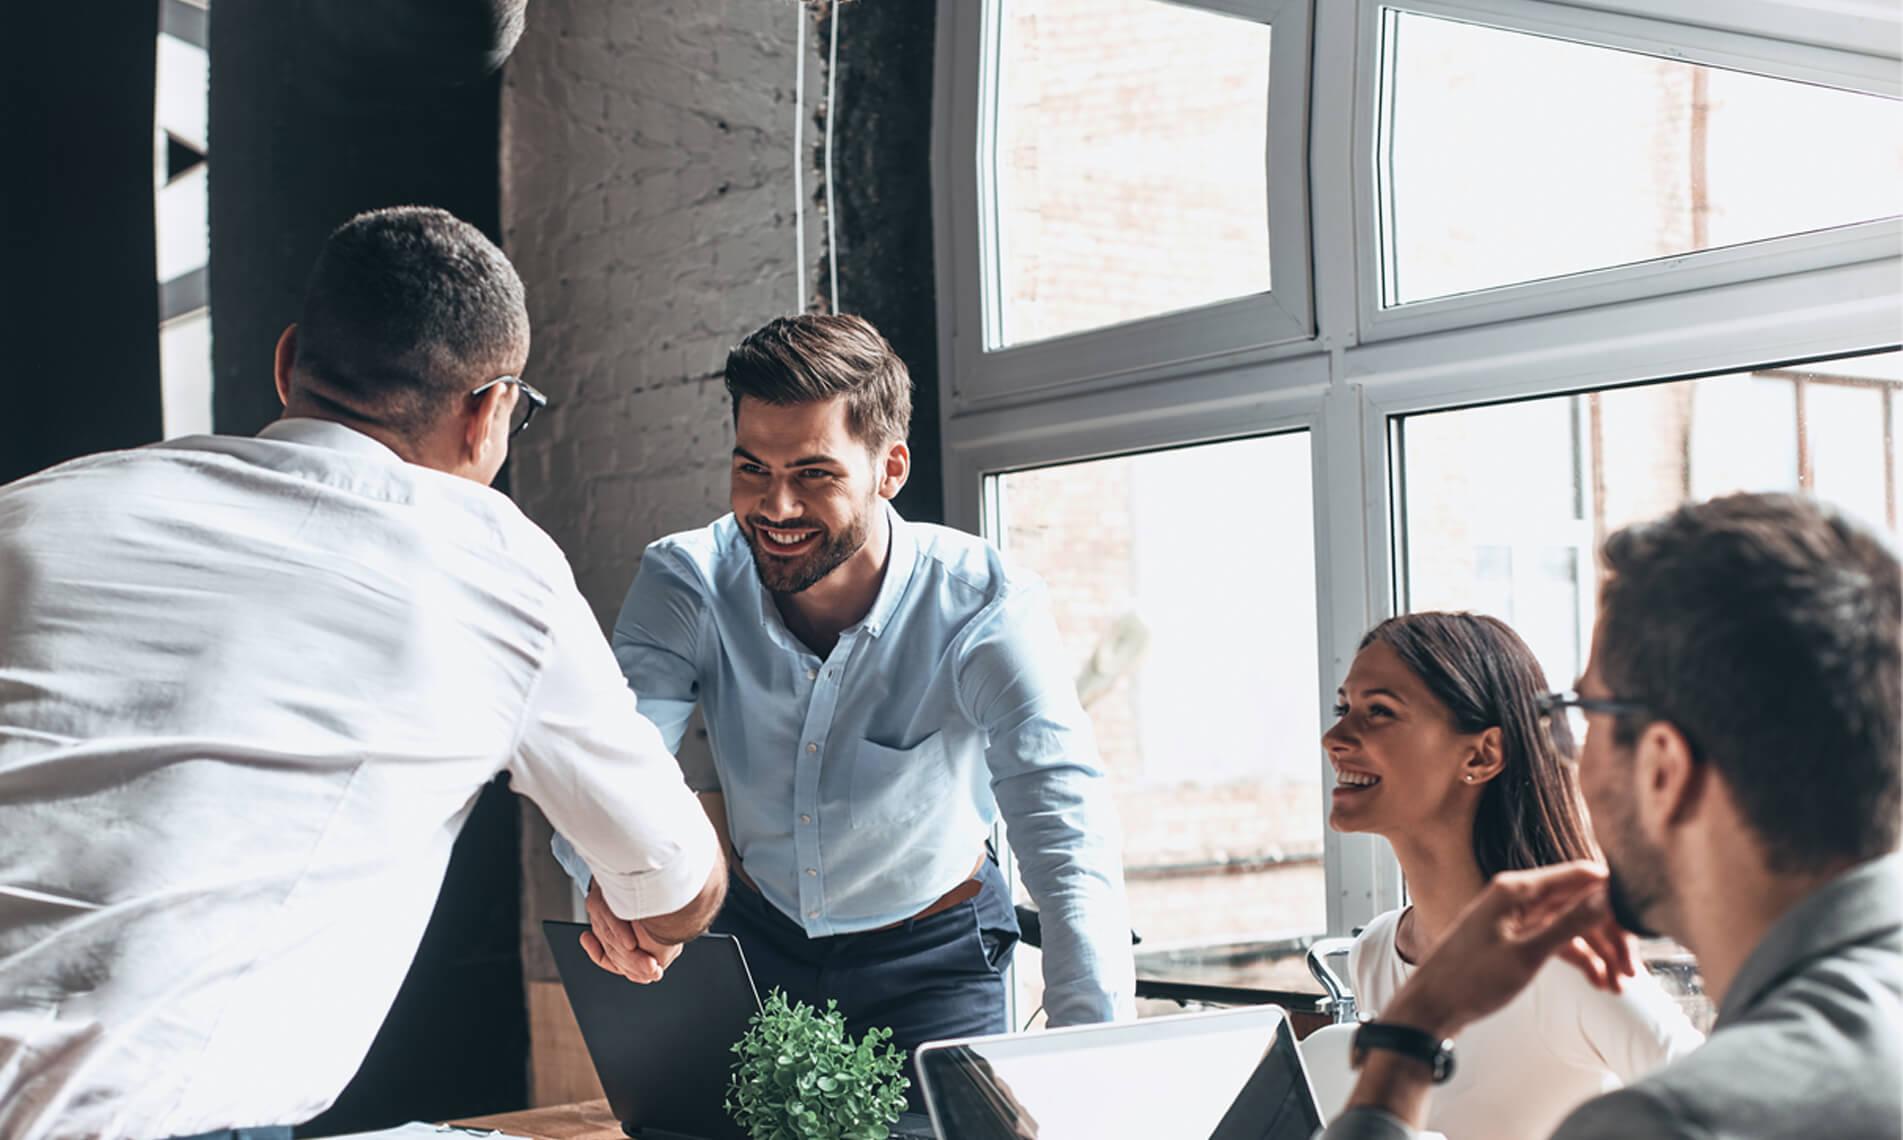 Mobil Saha Satış Uygulamanızın İşletmenize Kazandıracakları